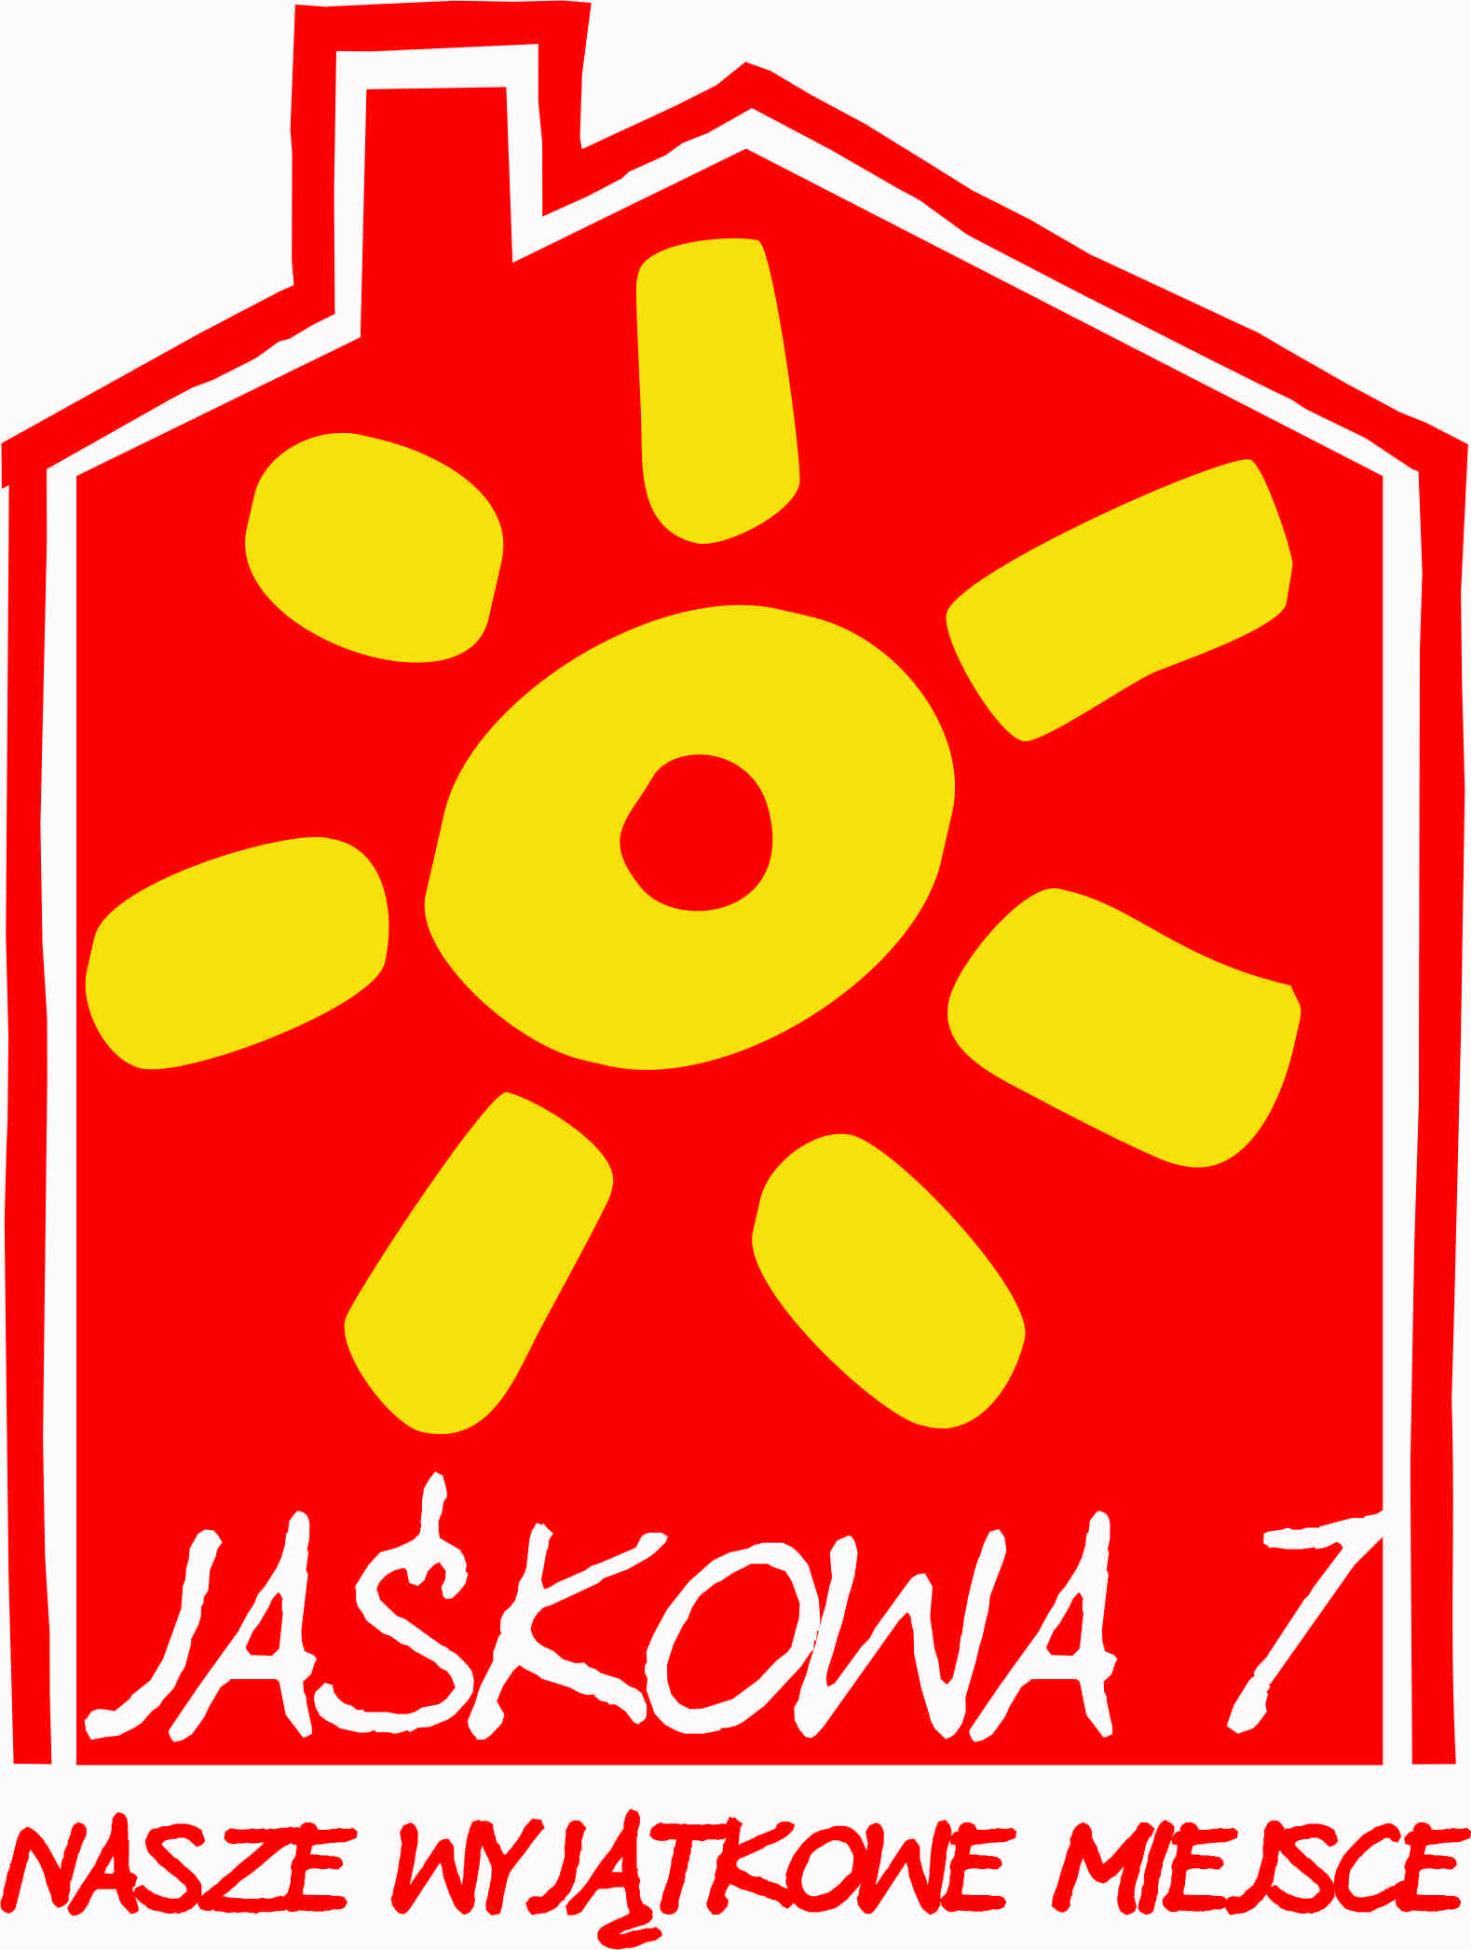 DS Jaśkowa